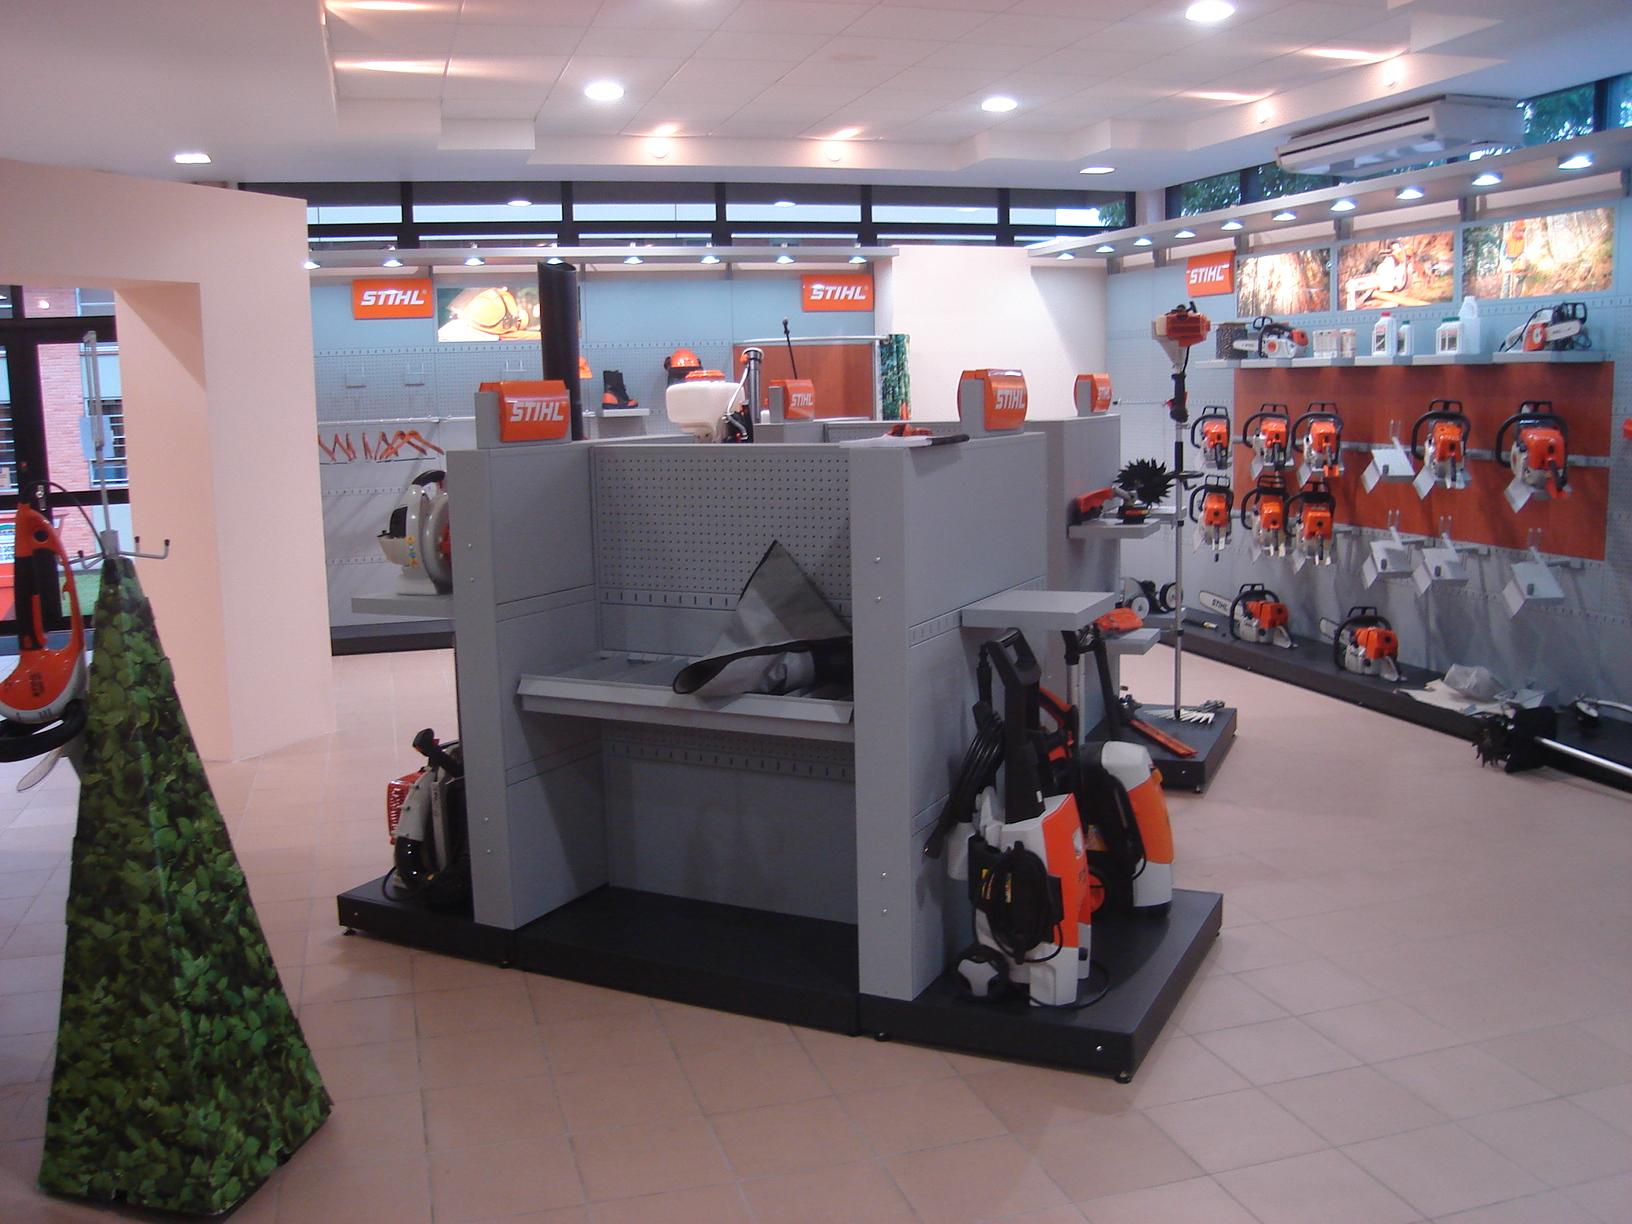 Fabricação e venda de STIHL no Rio Grande do Sul